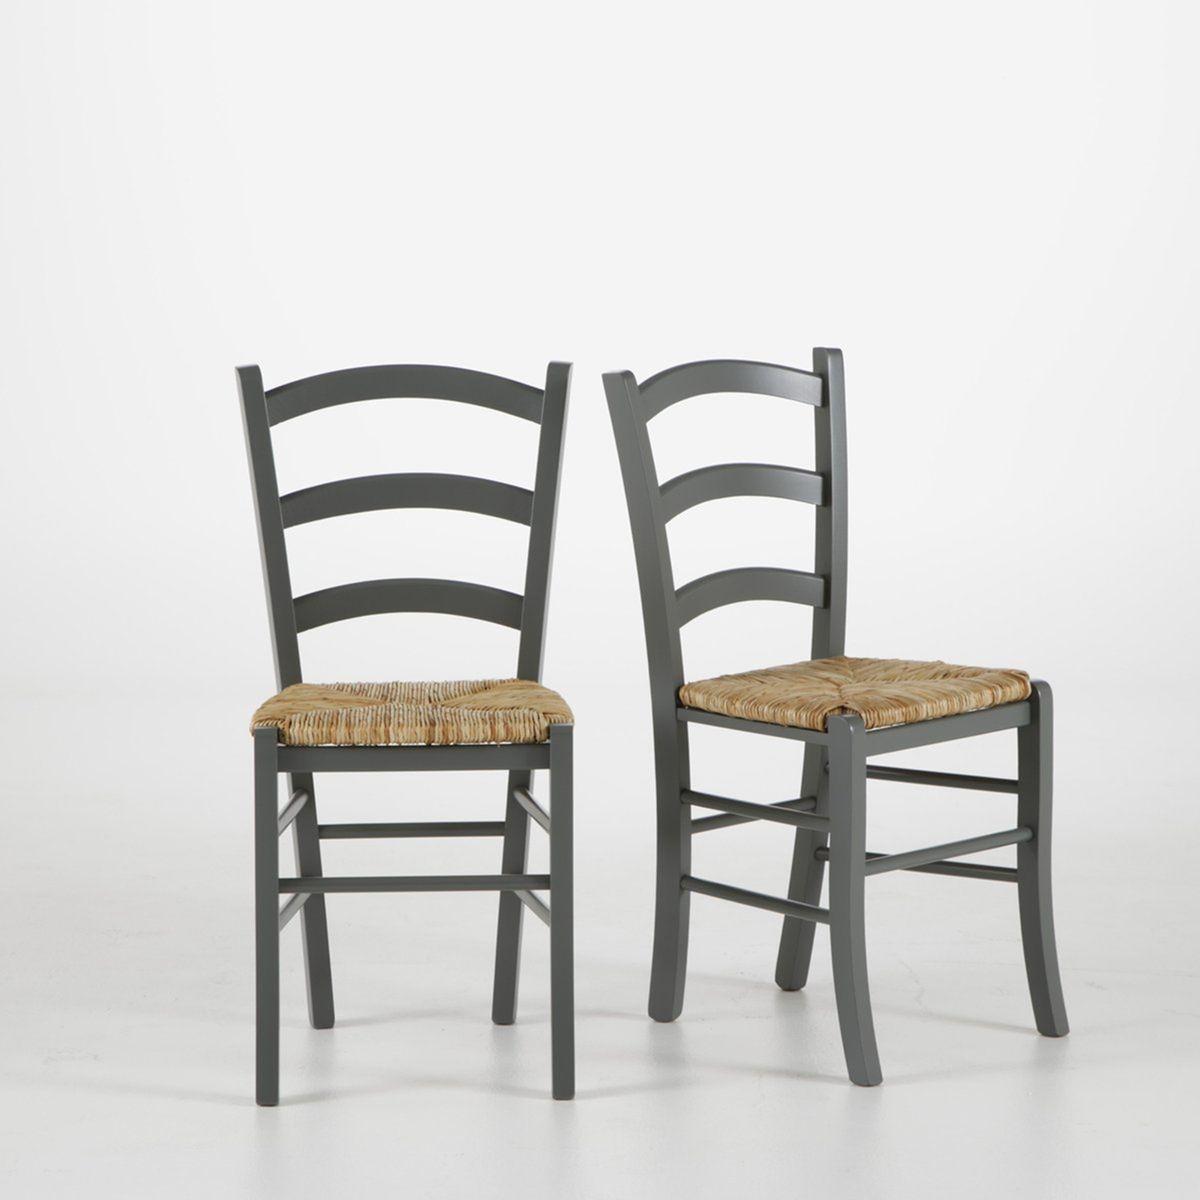 Prix des meuble salle manger 197 for La redoute chaises salle a manger